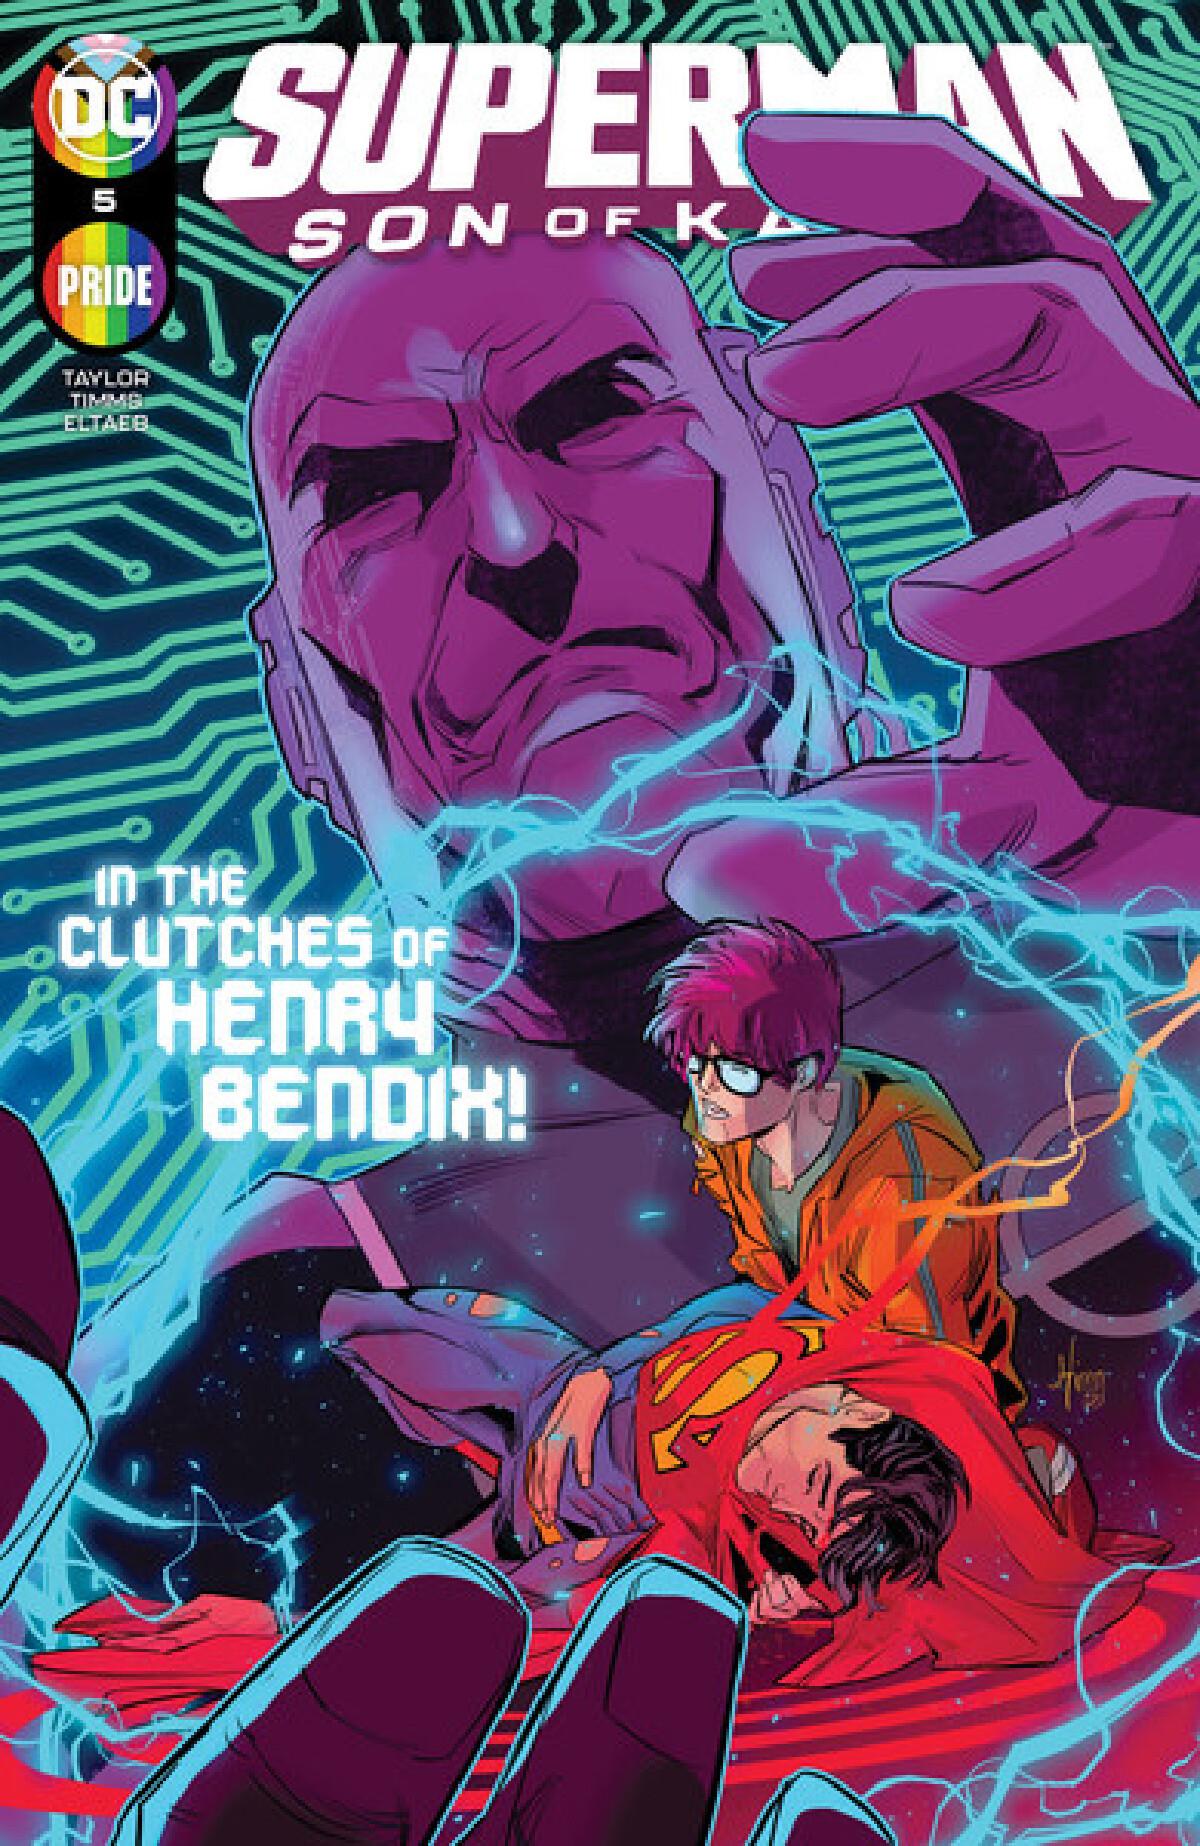 ภาค Superman: Son of Kal-El #5